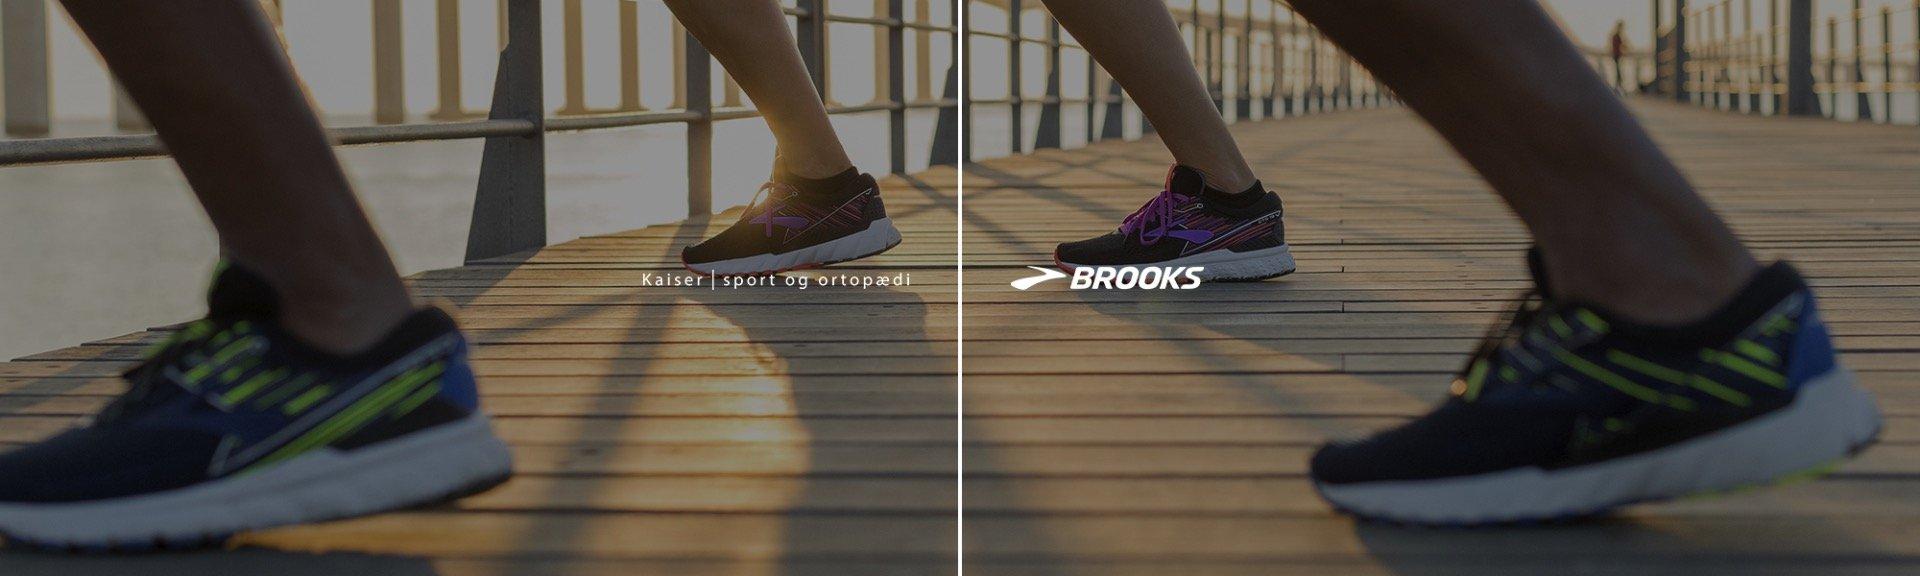 Køb Brooks løbesko til dame og herre på kaisersport.dk med fri fragt og 365 dages retur